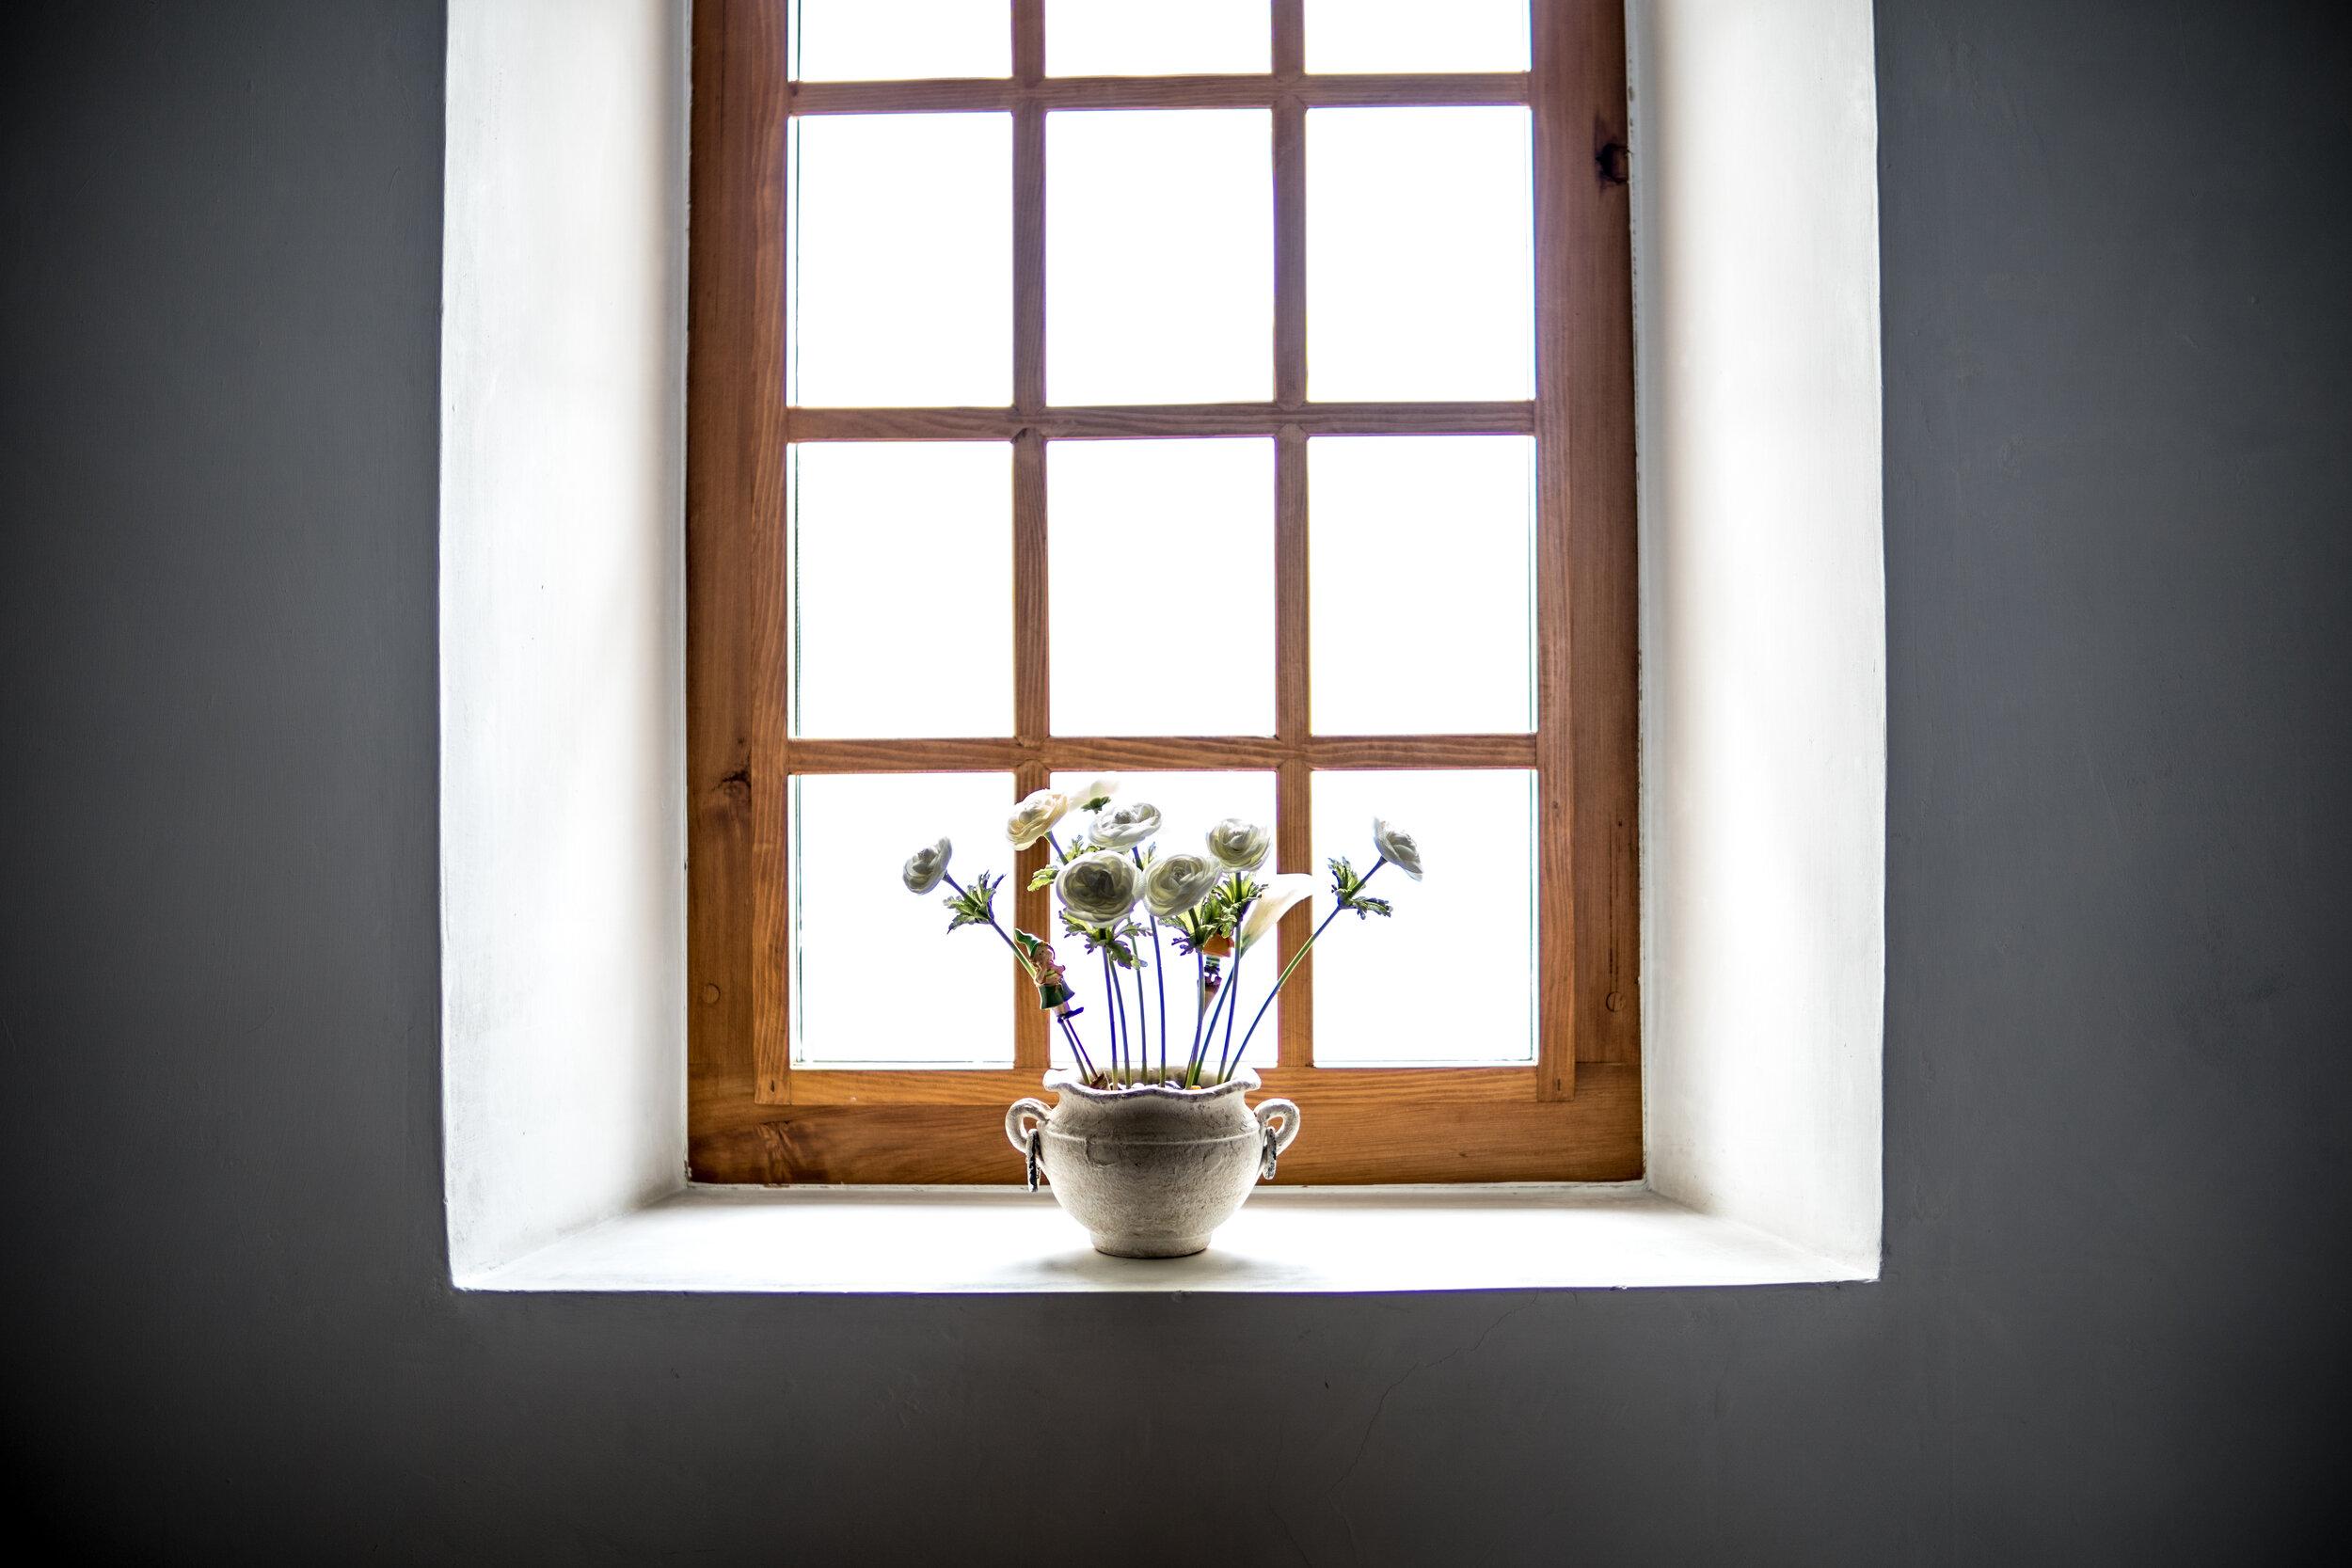 behöver dina fönster tvättas? - FÖNSTERTVÄTTRena fönster är lika viktigt som en ren lokal. Vi tvättar fönster i hus och lägenheter, kontor, butikslokaler, kyrkor, skolor. Har du fönster som är i behov av att tvättas? Ring oss!